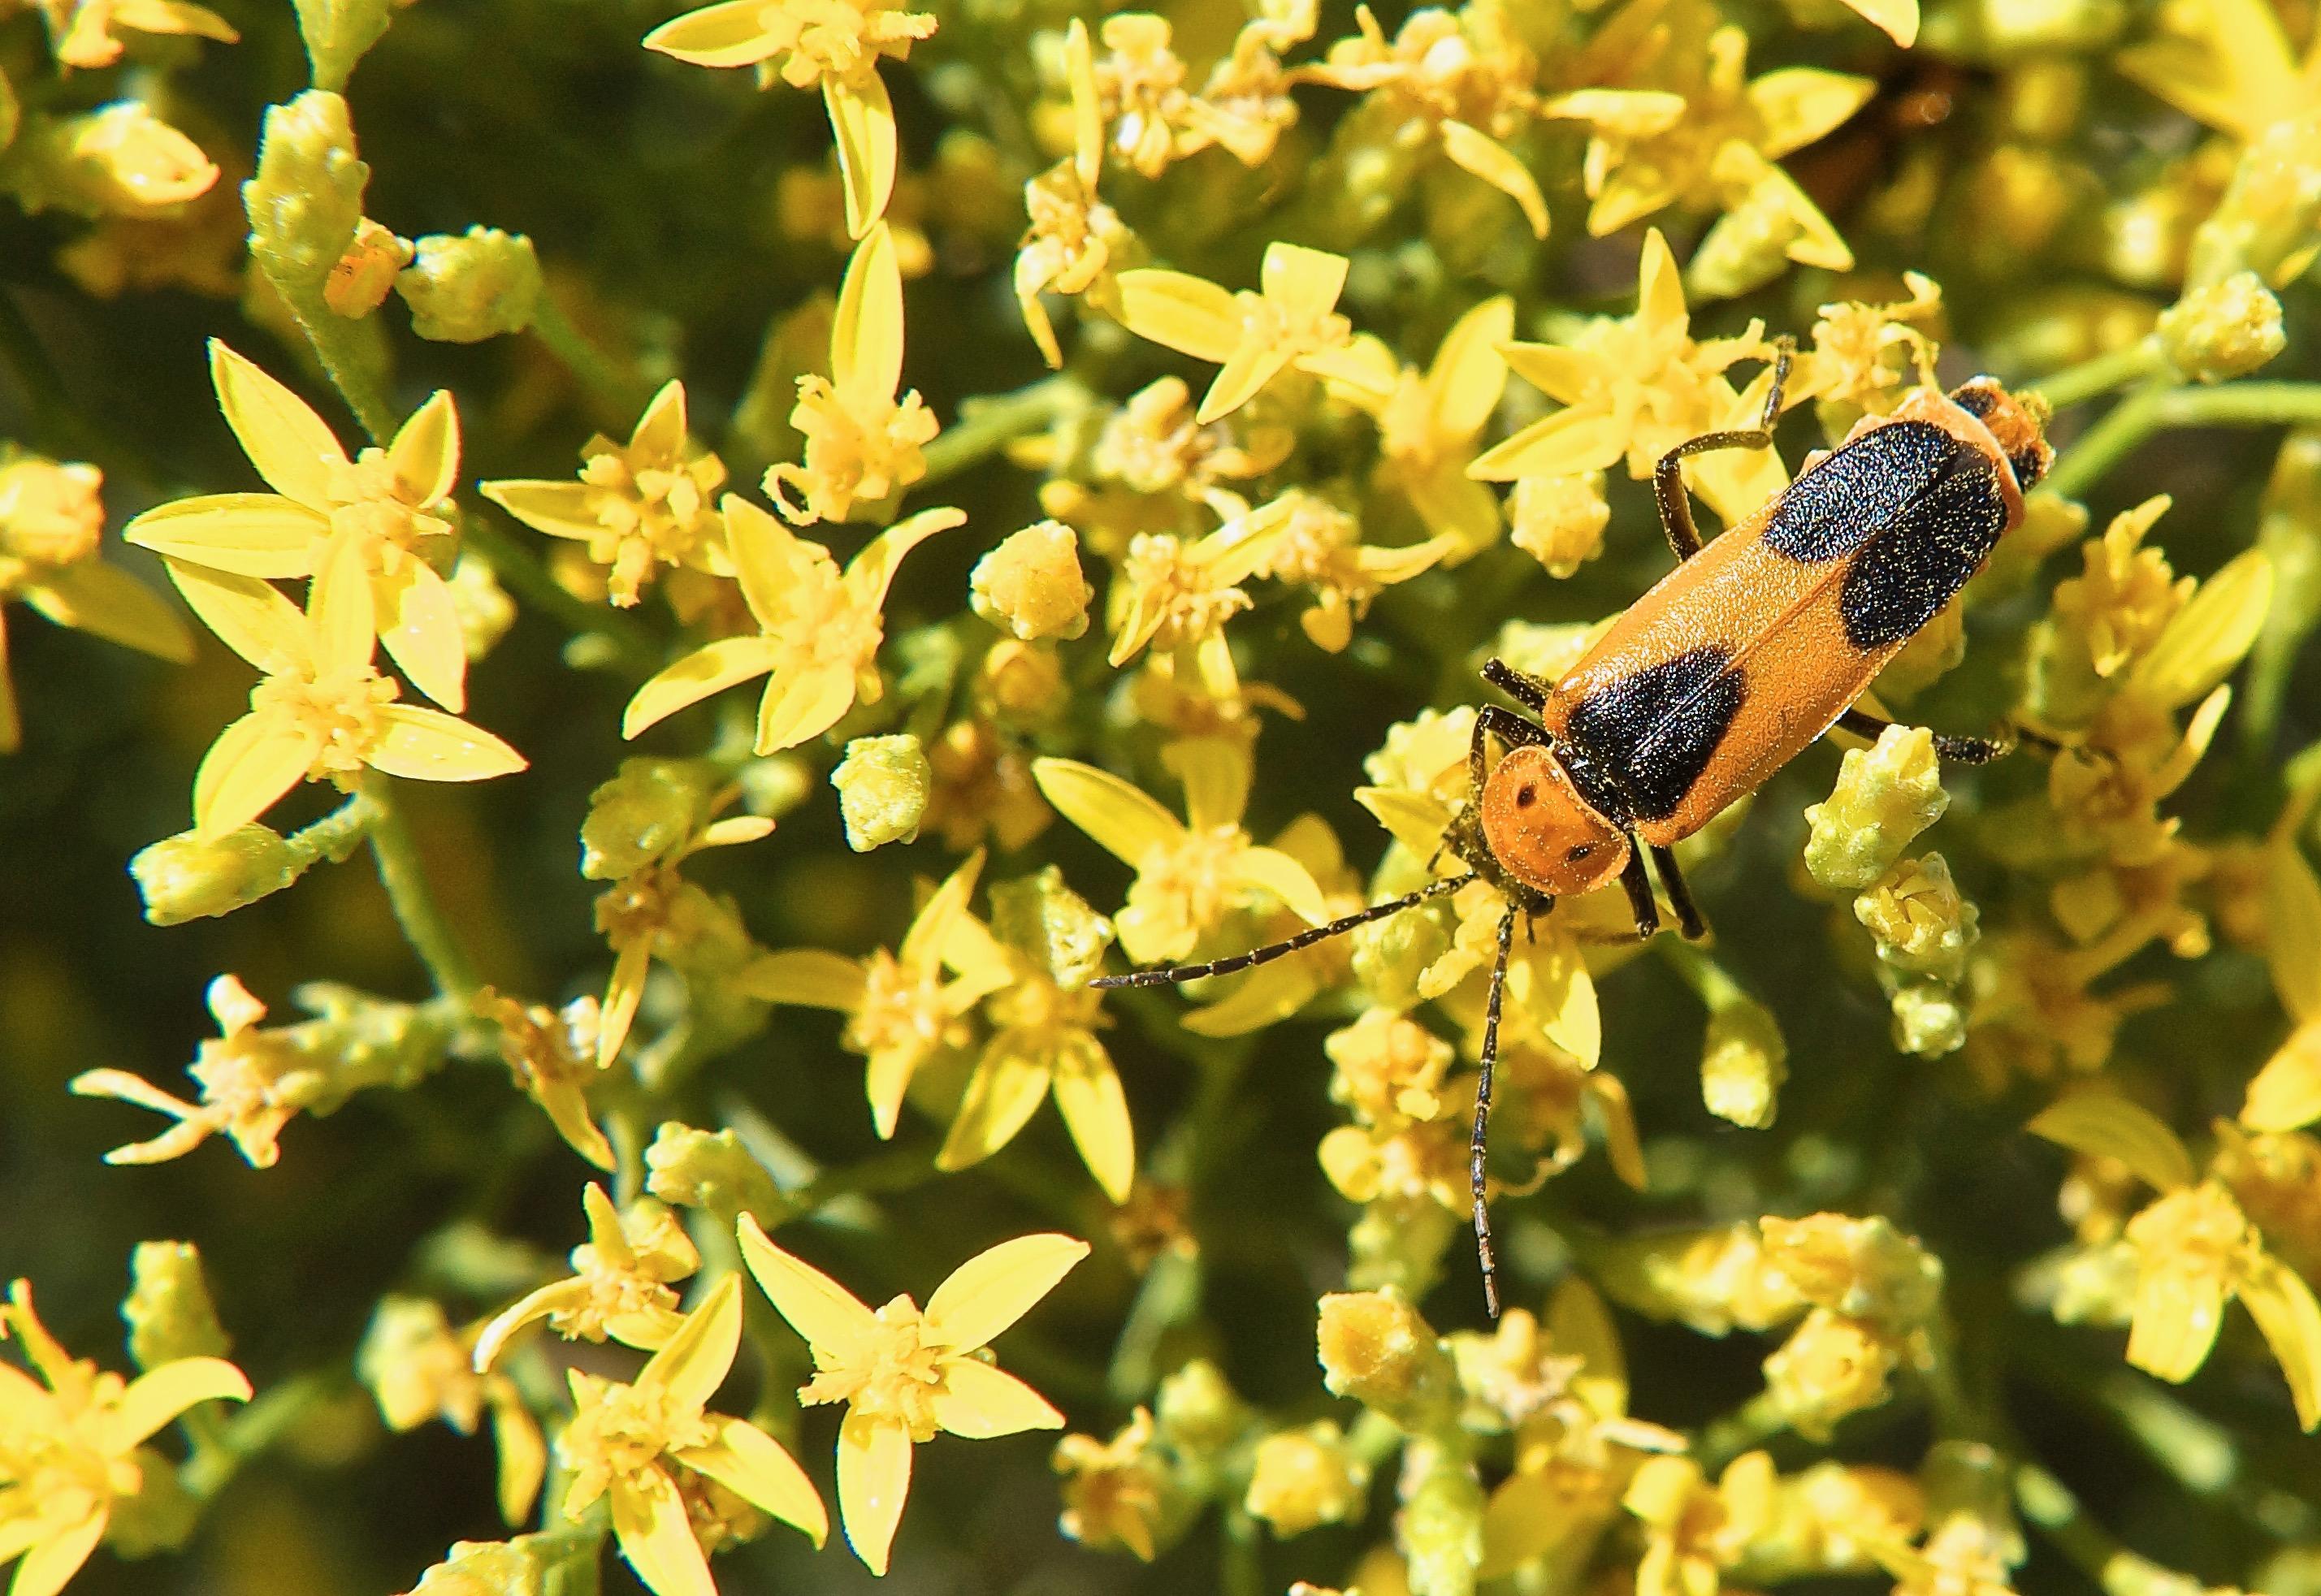 Soldier Beetle on Broom Snakeweed Plant